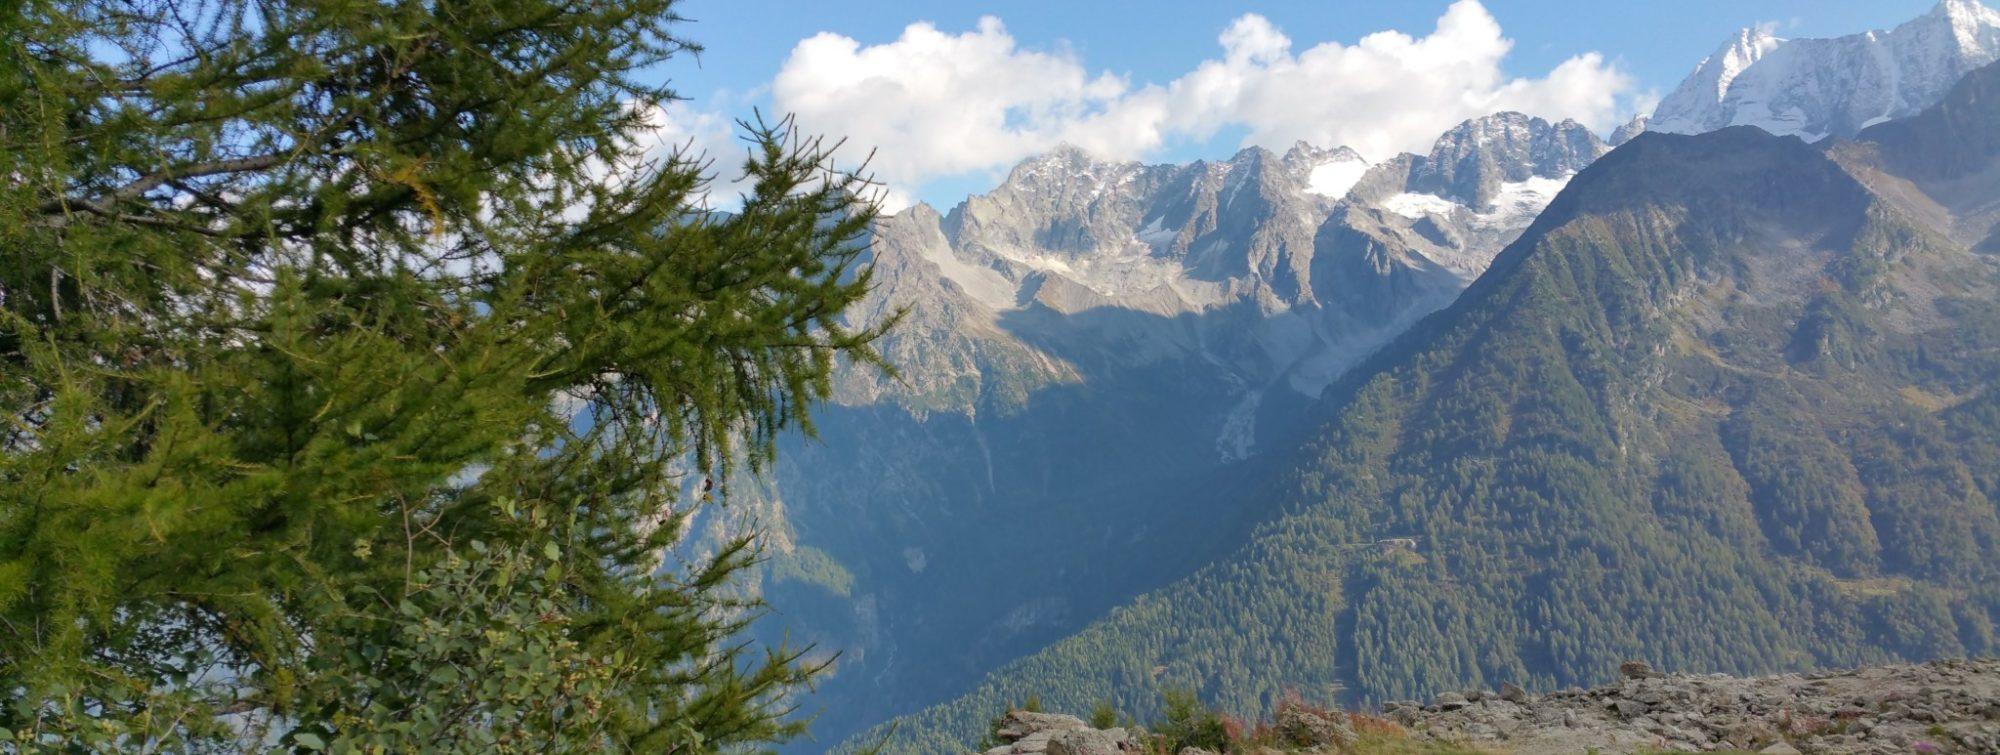 montagna-estate